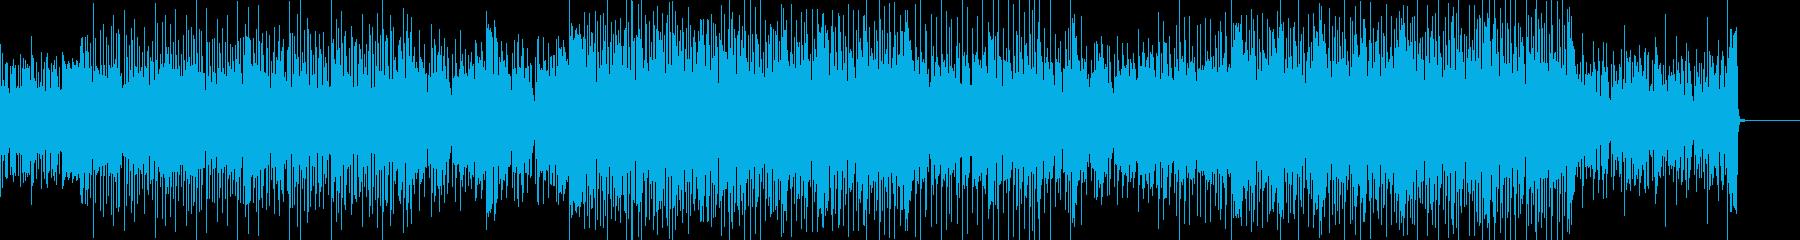 切なくかっこいいリズムのEDMの再生済みの波形